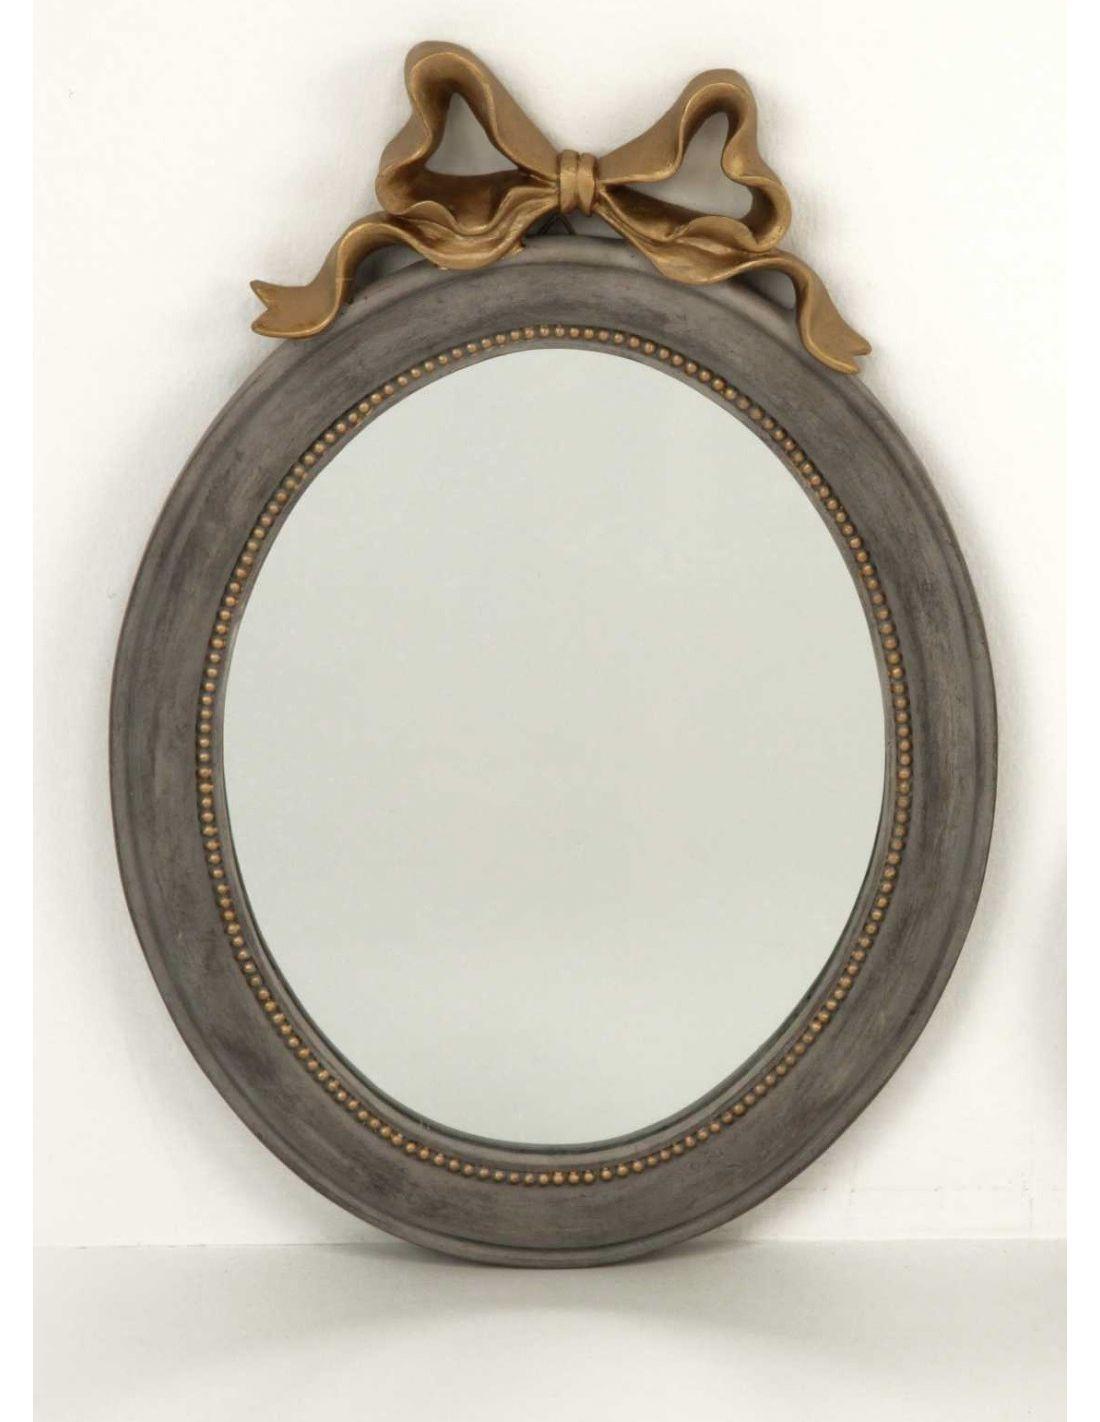 Espejo ovalado espejos estilo cl sico ofertas for Espejo ovalado